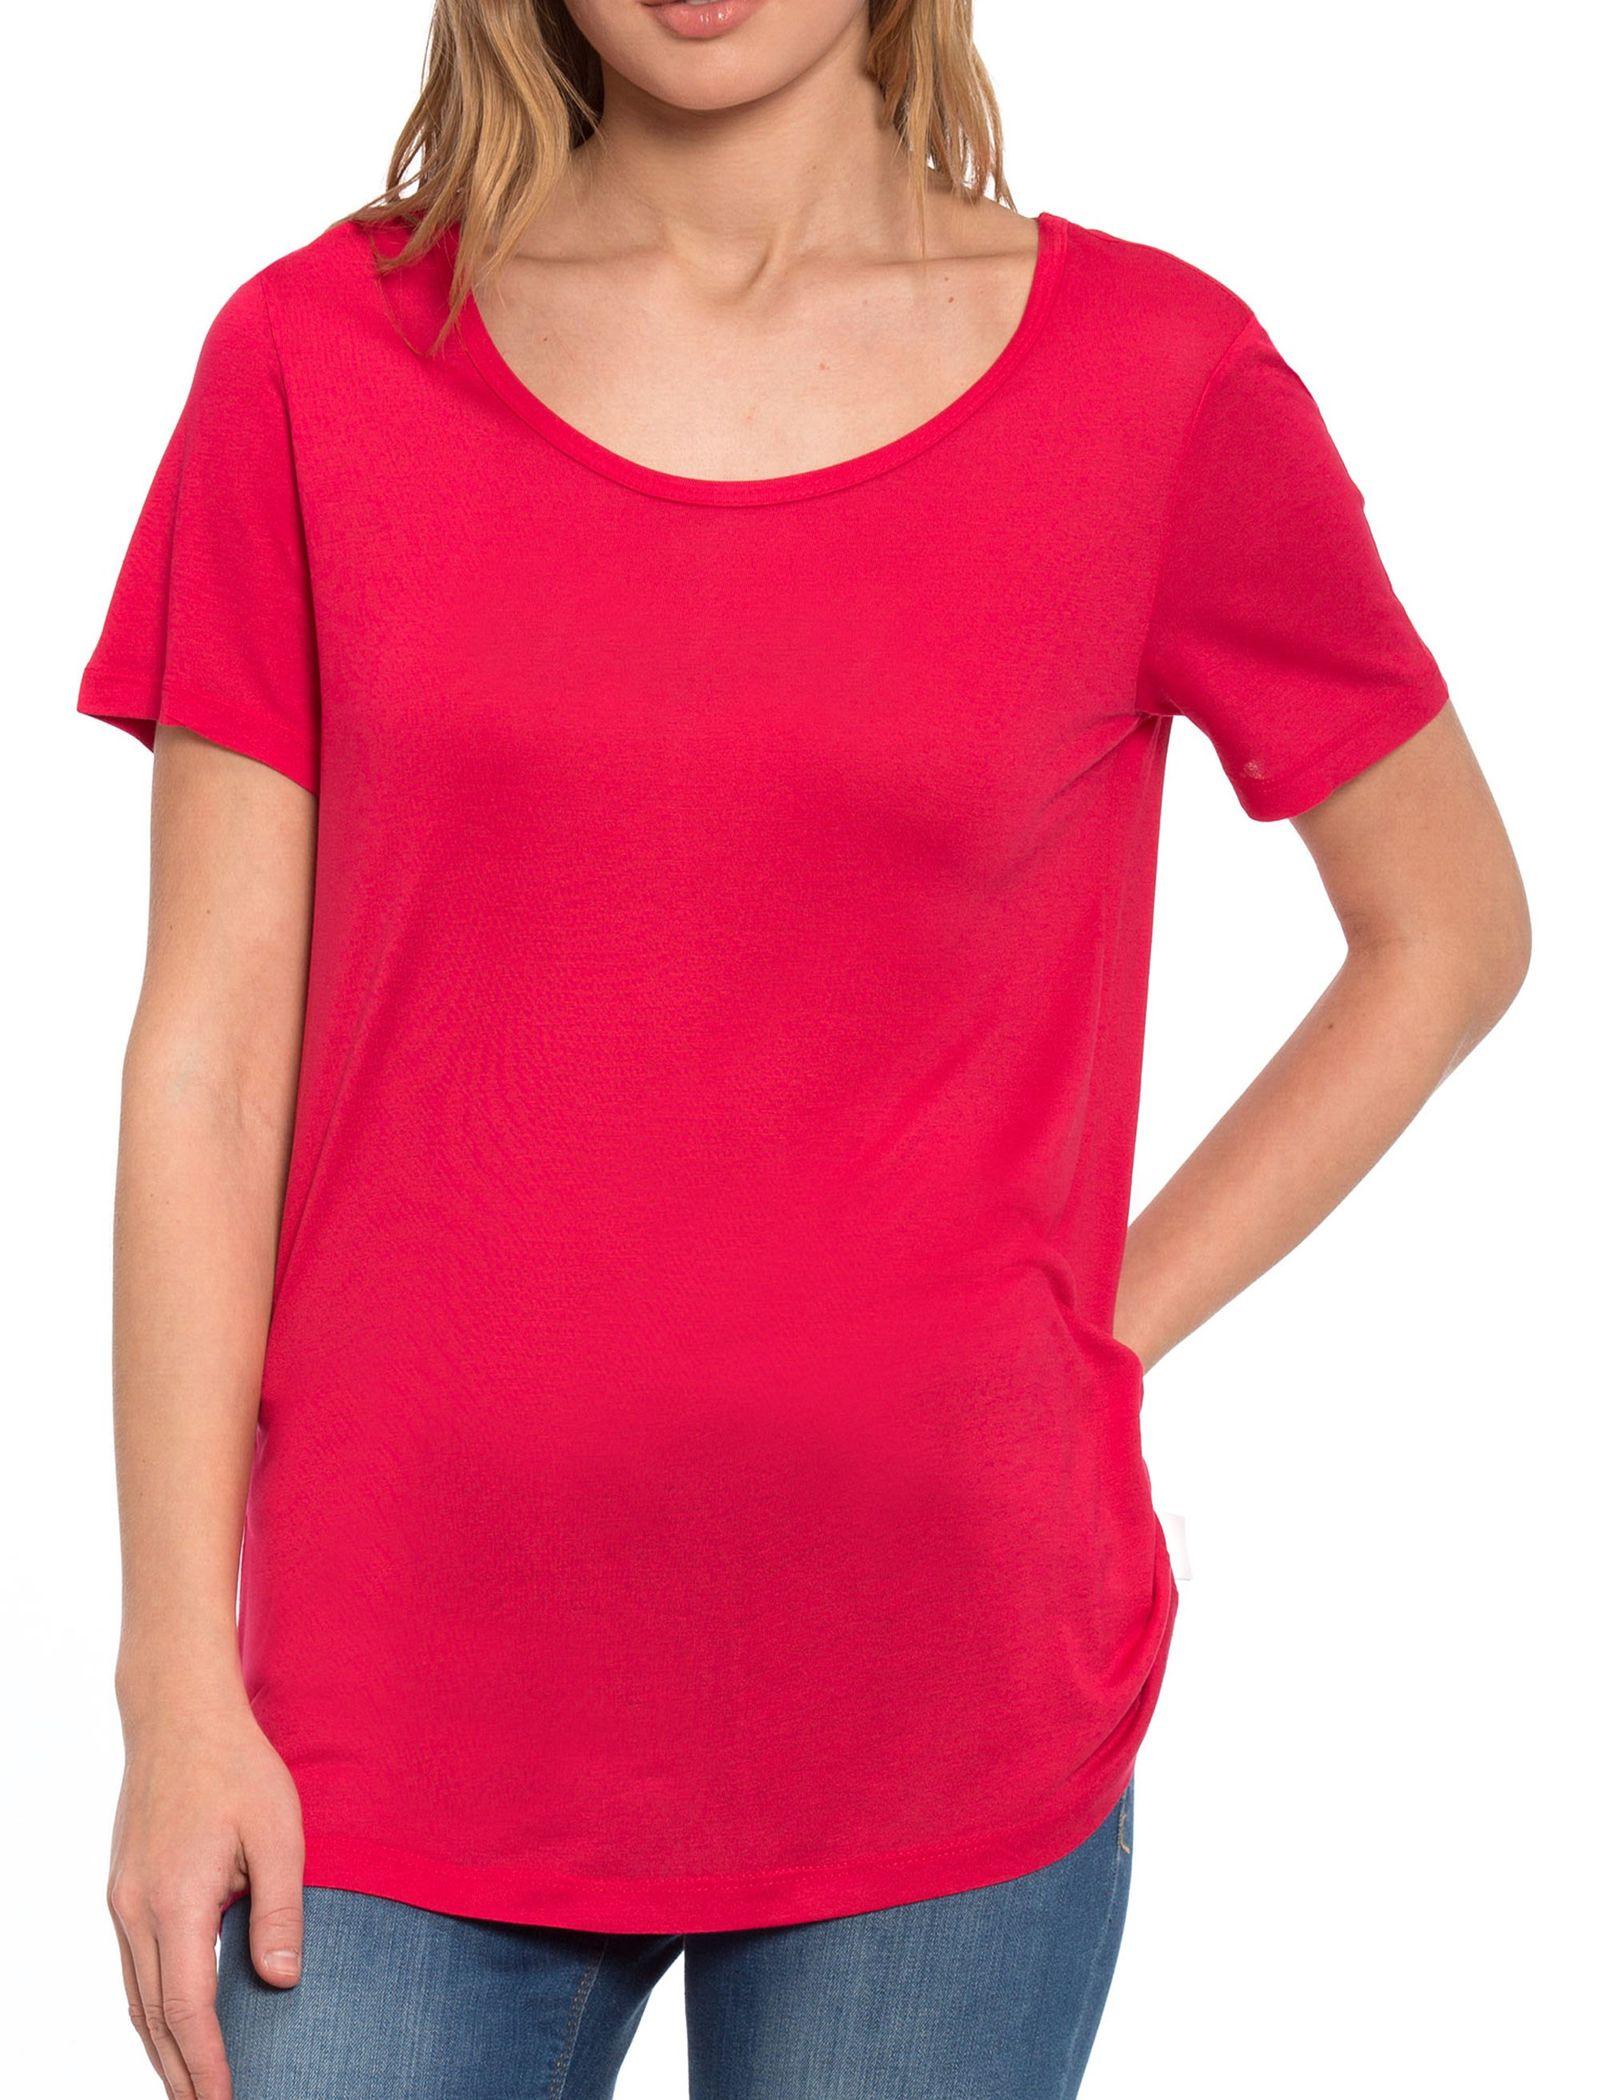 تی شرت ویسکوز یقه گرد زنانه - ال سی وایکیکی - قرمز - 6